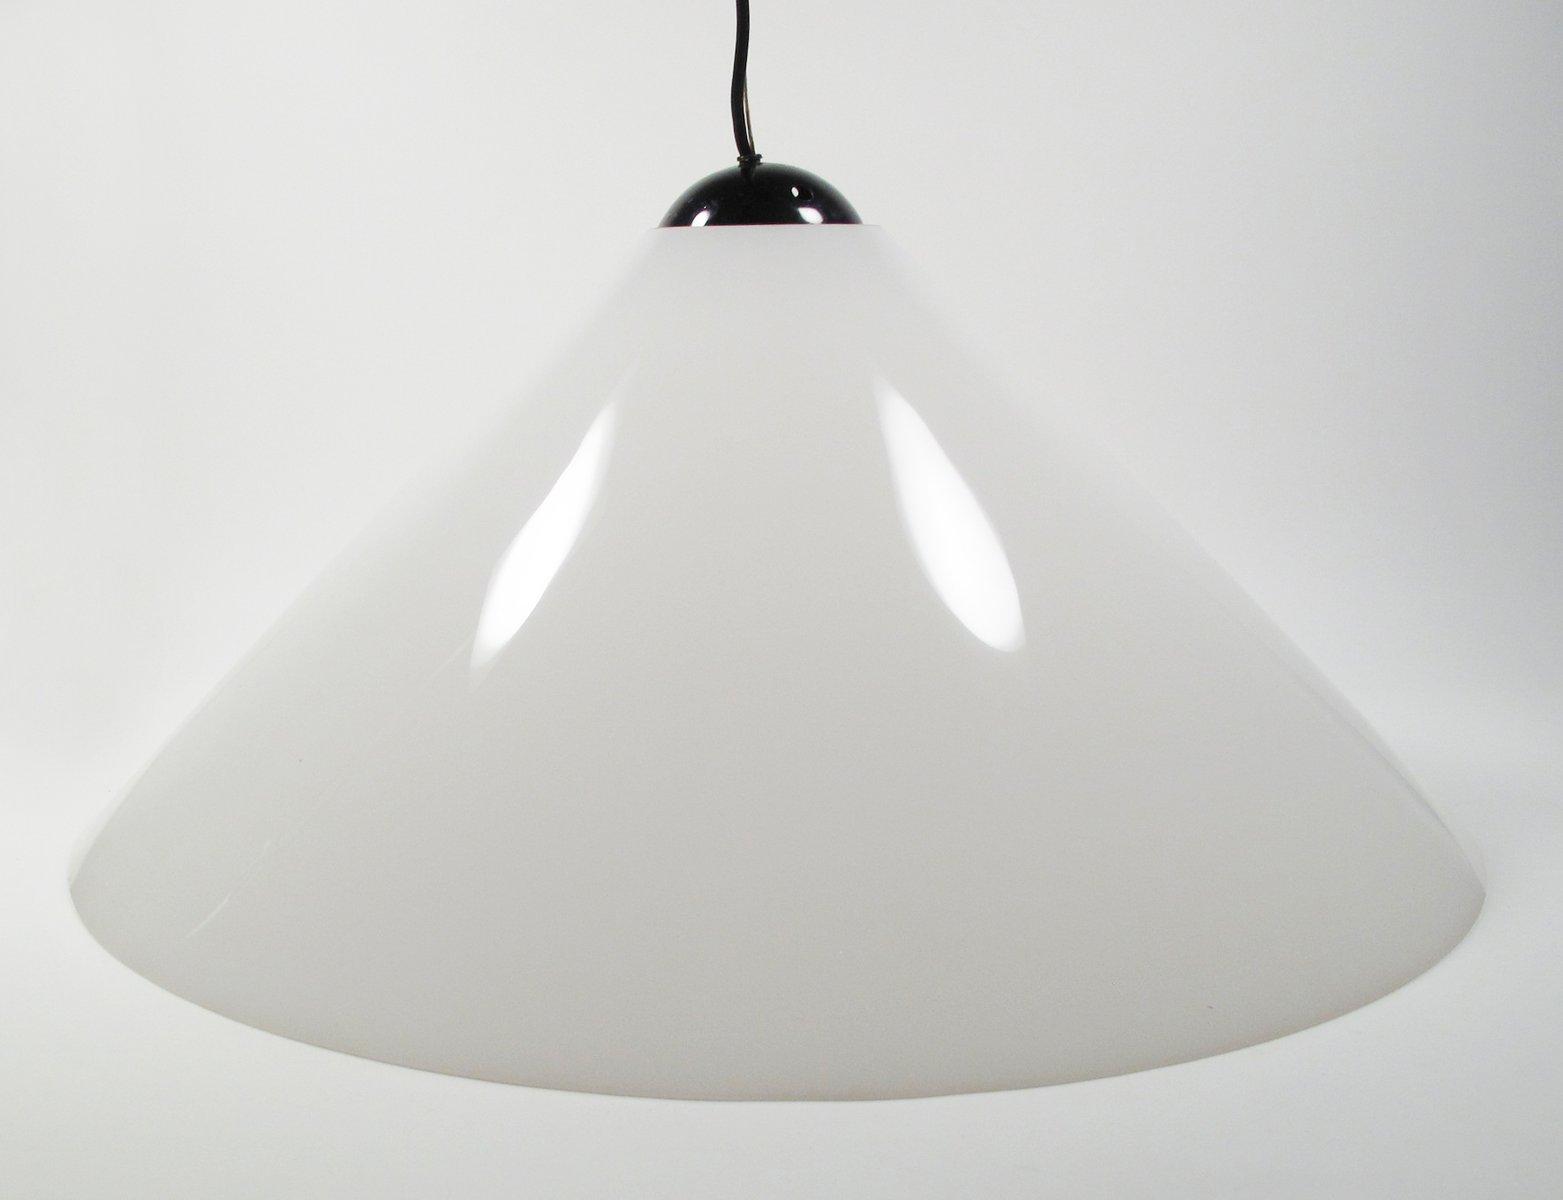 Snow Deckenlampe von Vico Magistretti für Oluce, 1970er